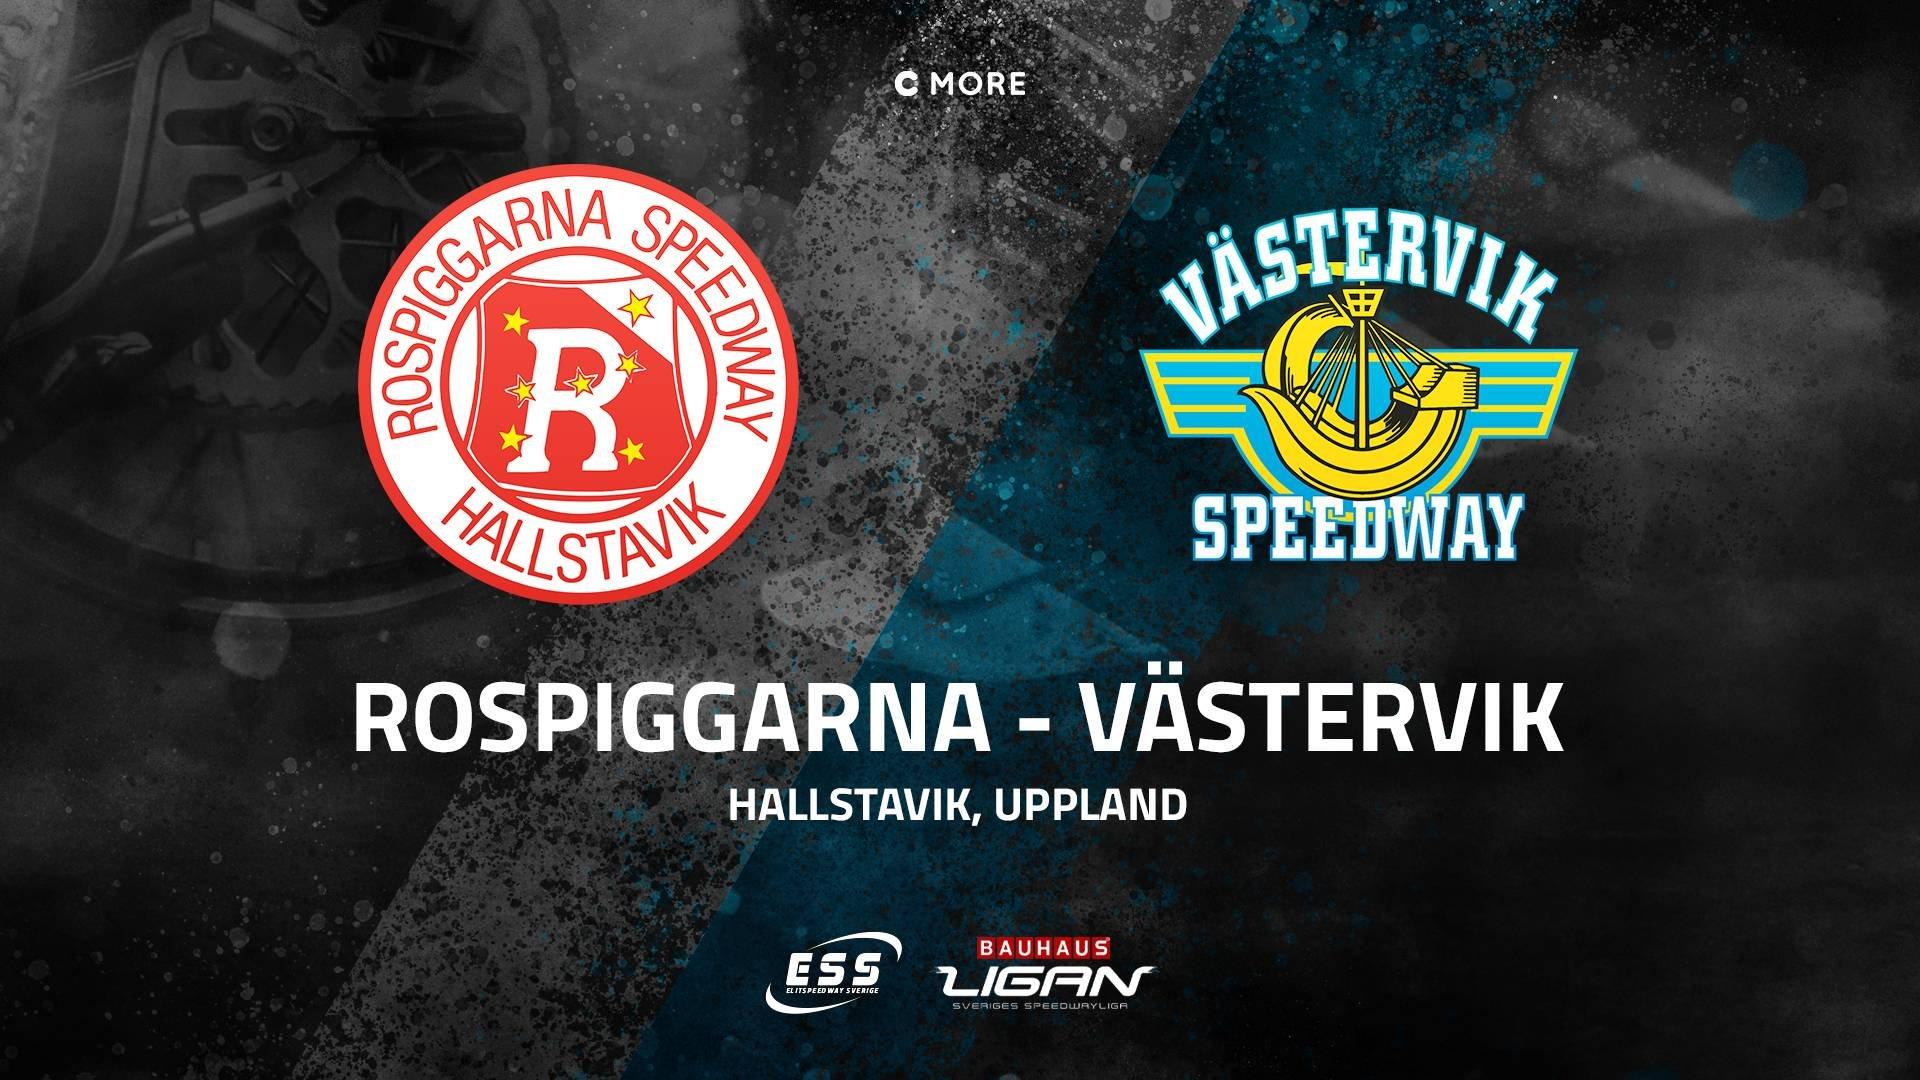 Rospiggarna - Västervik